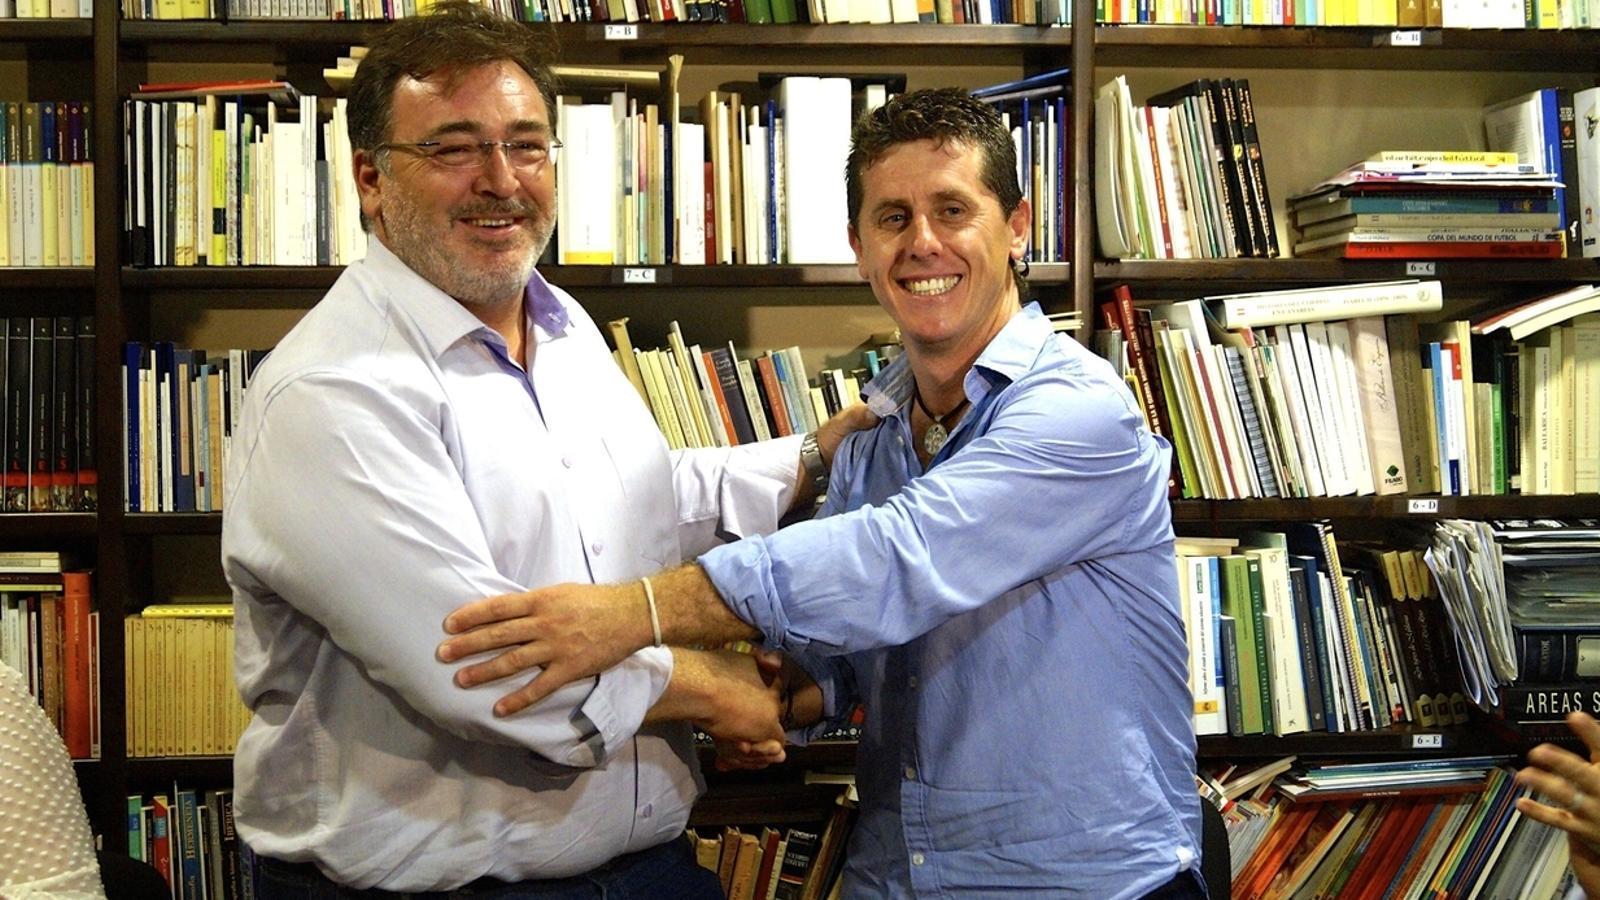 El batle Tolo Moyà (El Pi) i Chema Muñoz (PSOE) després de formalitzar el pacte de govern a Lloseta. / M.B.